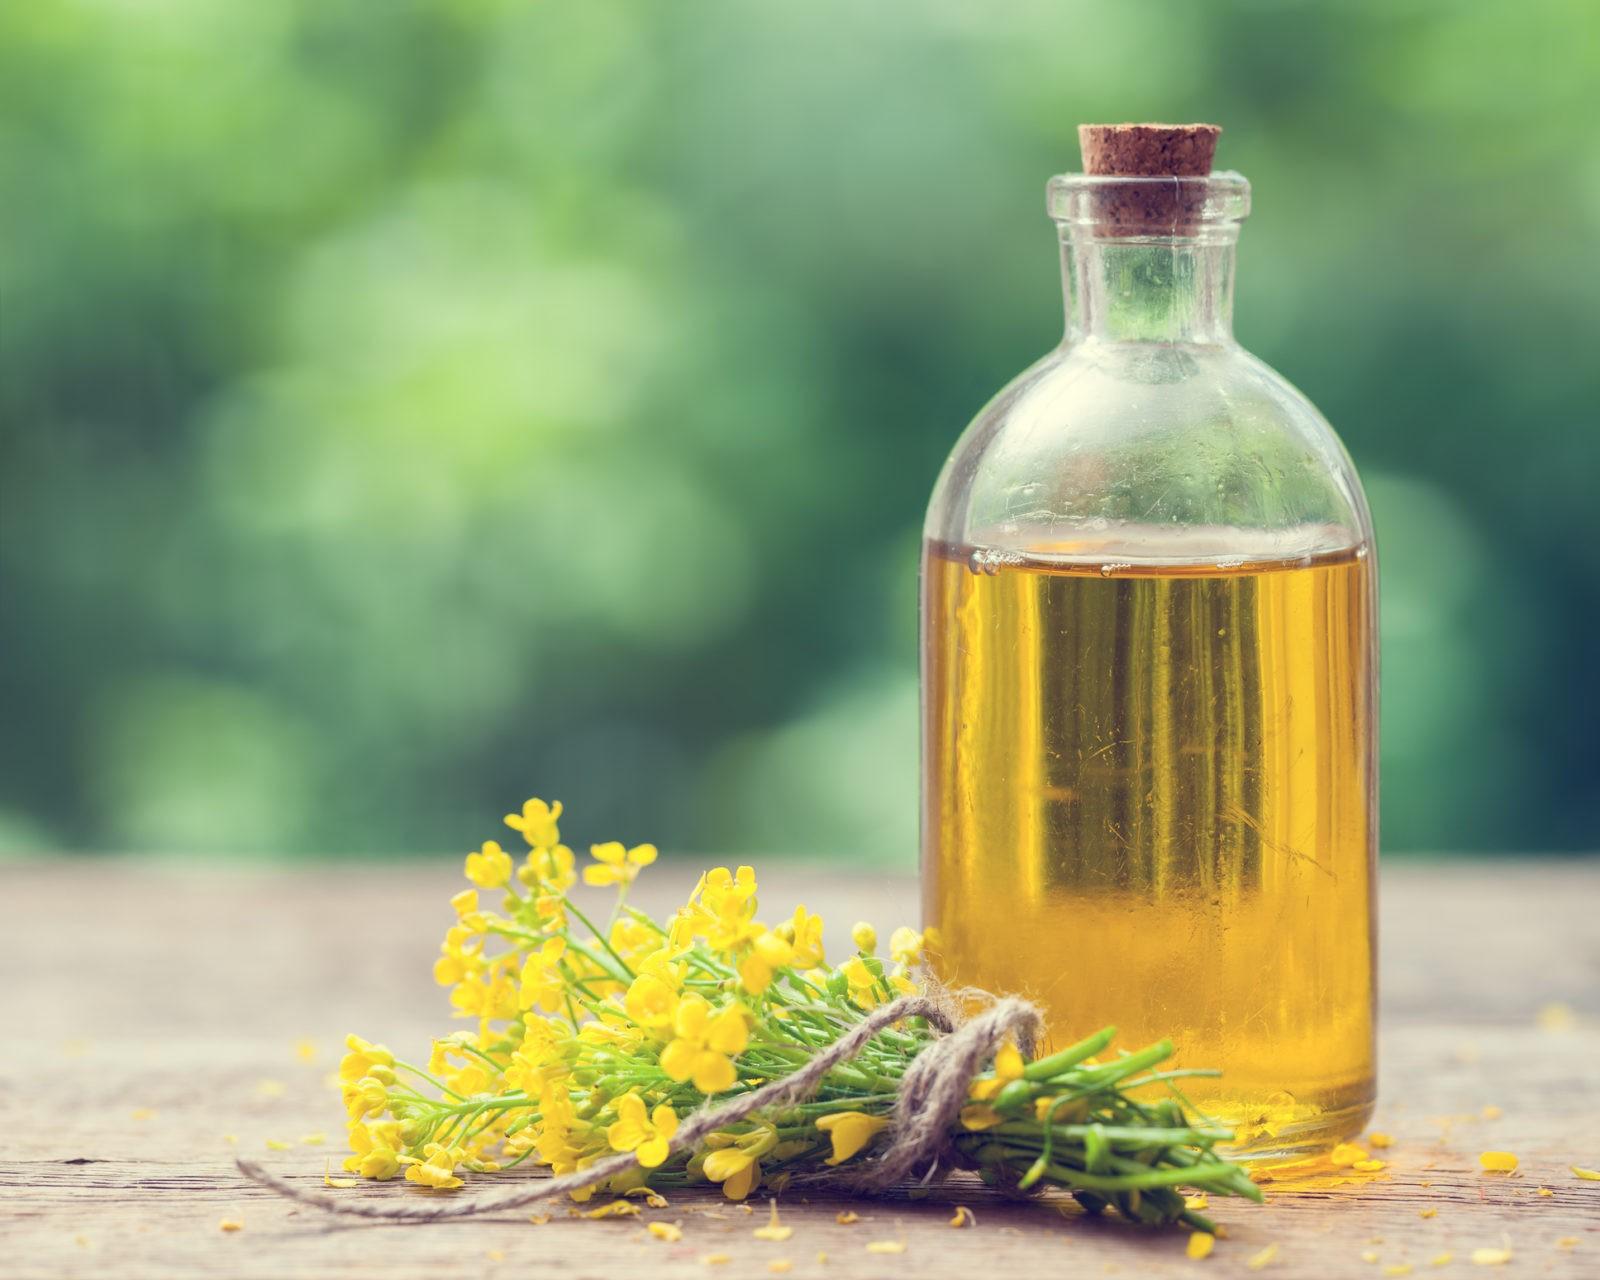 Исследование: масло канола способствует развитию ожирения ислабоумия